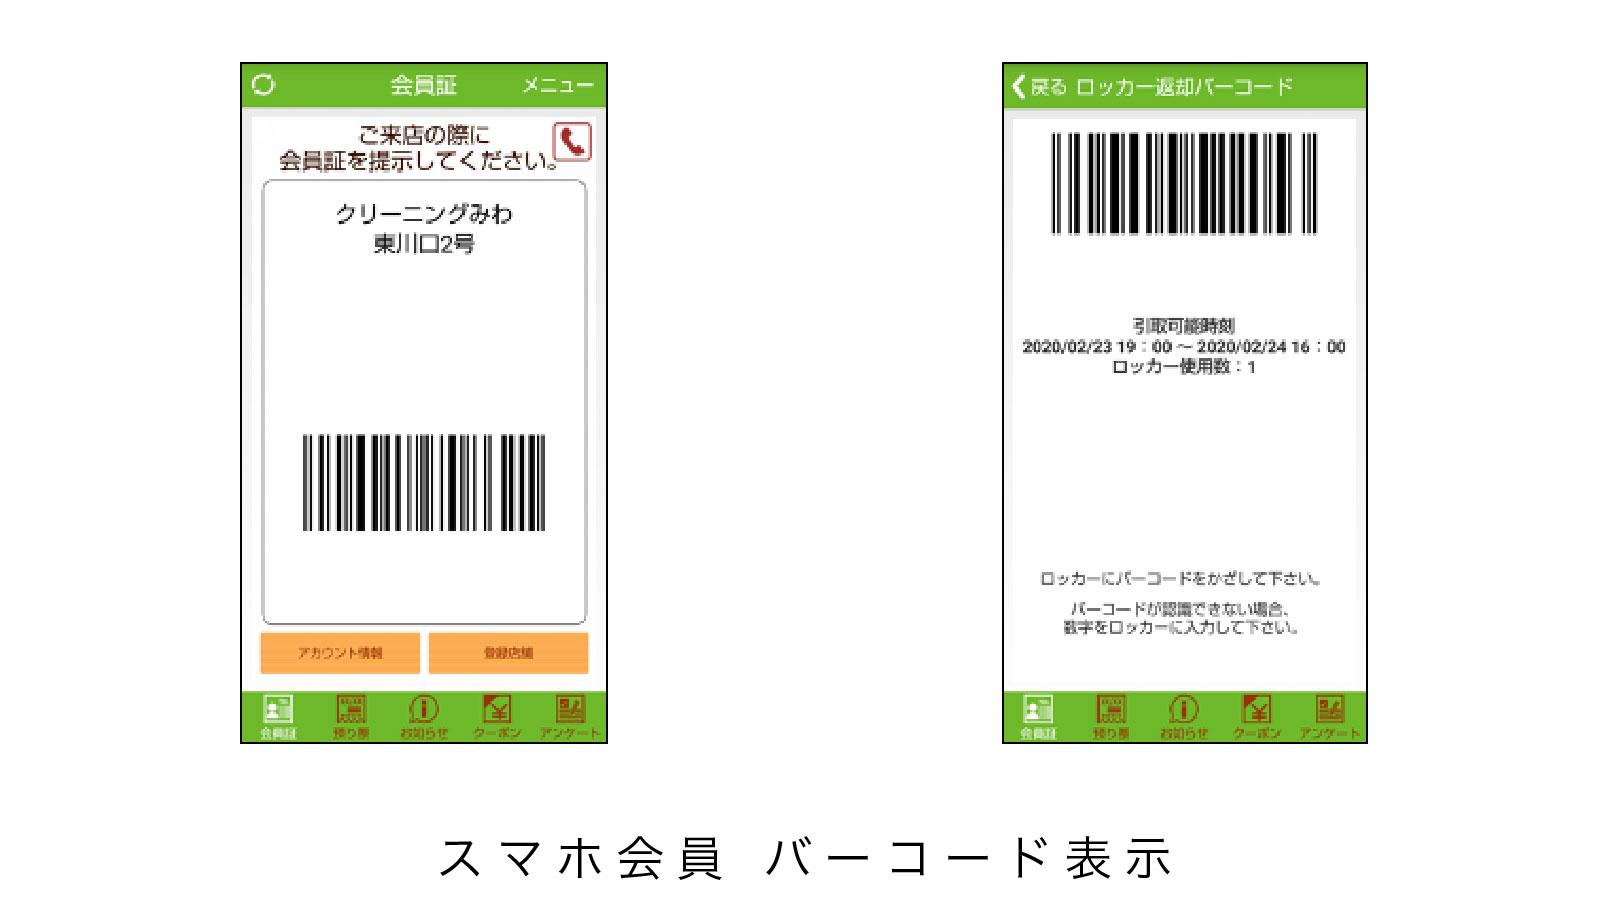 24時間受付・引き取りBOXルーム スマホ会員(アプリ) バーコード表示